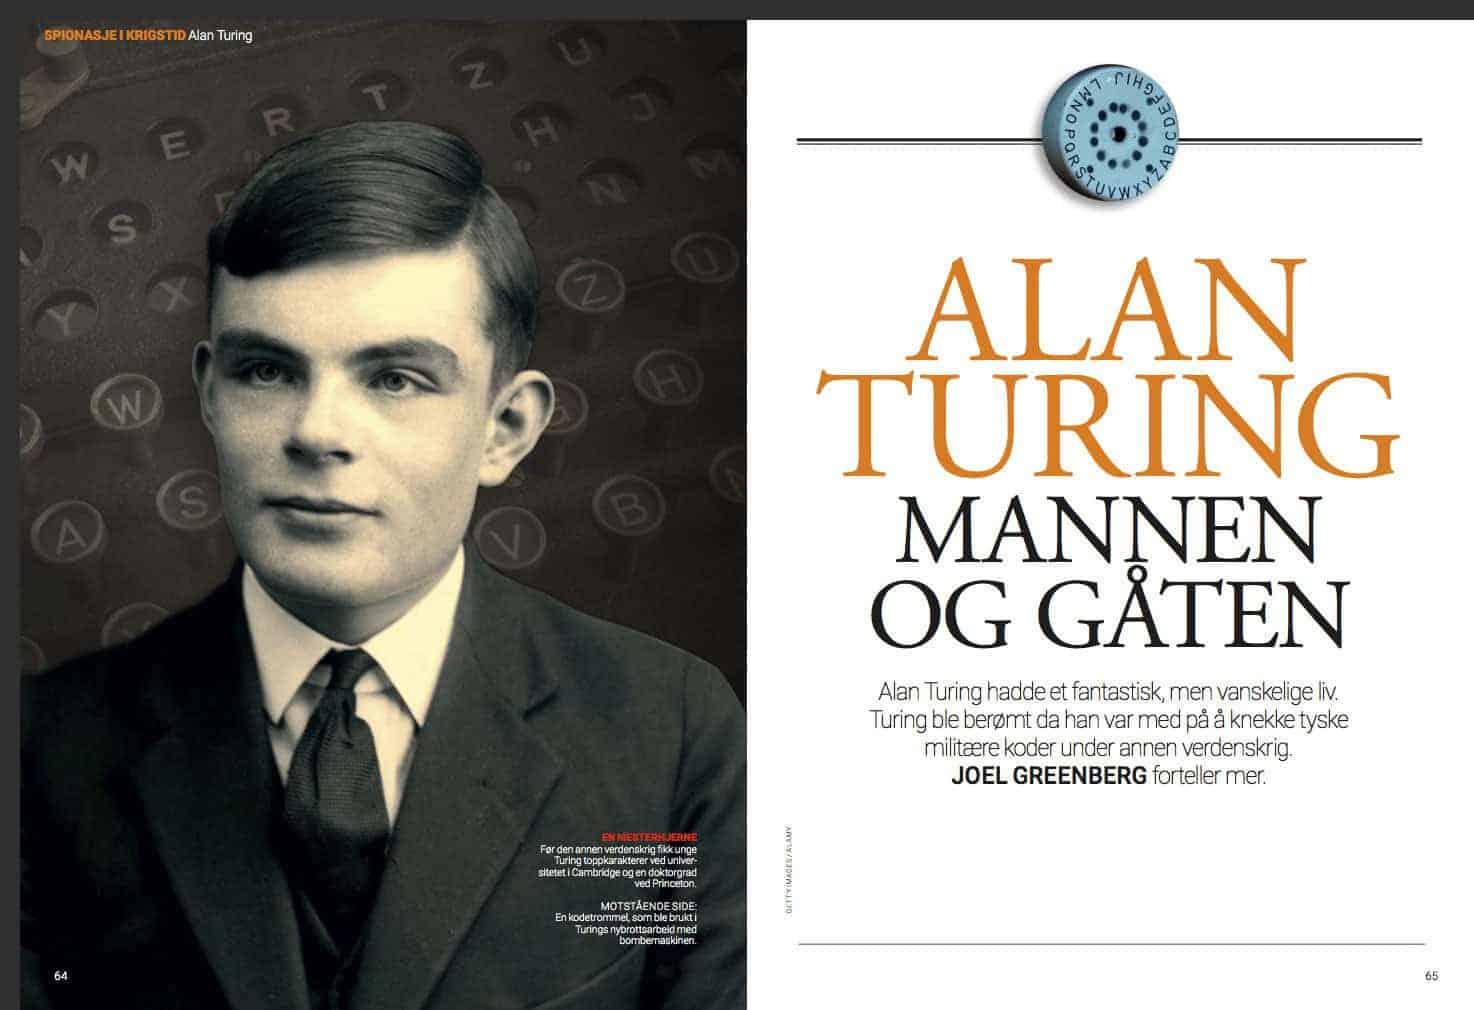 Alan Turing – mannen og gåten, oppslag